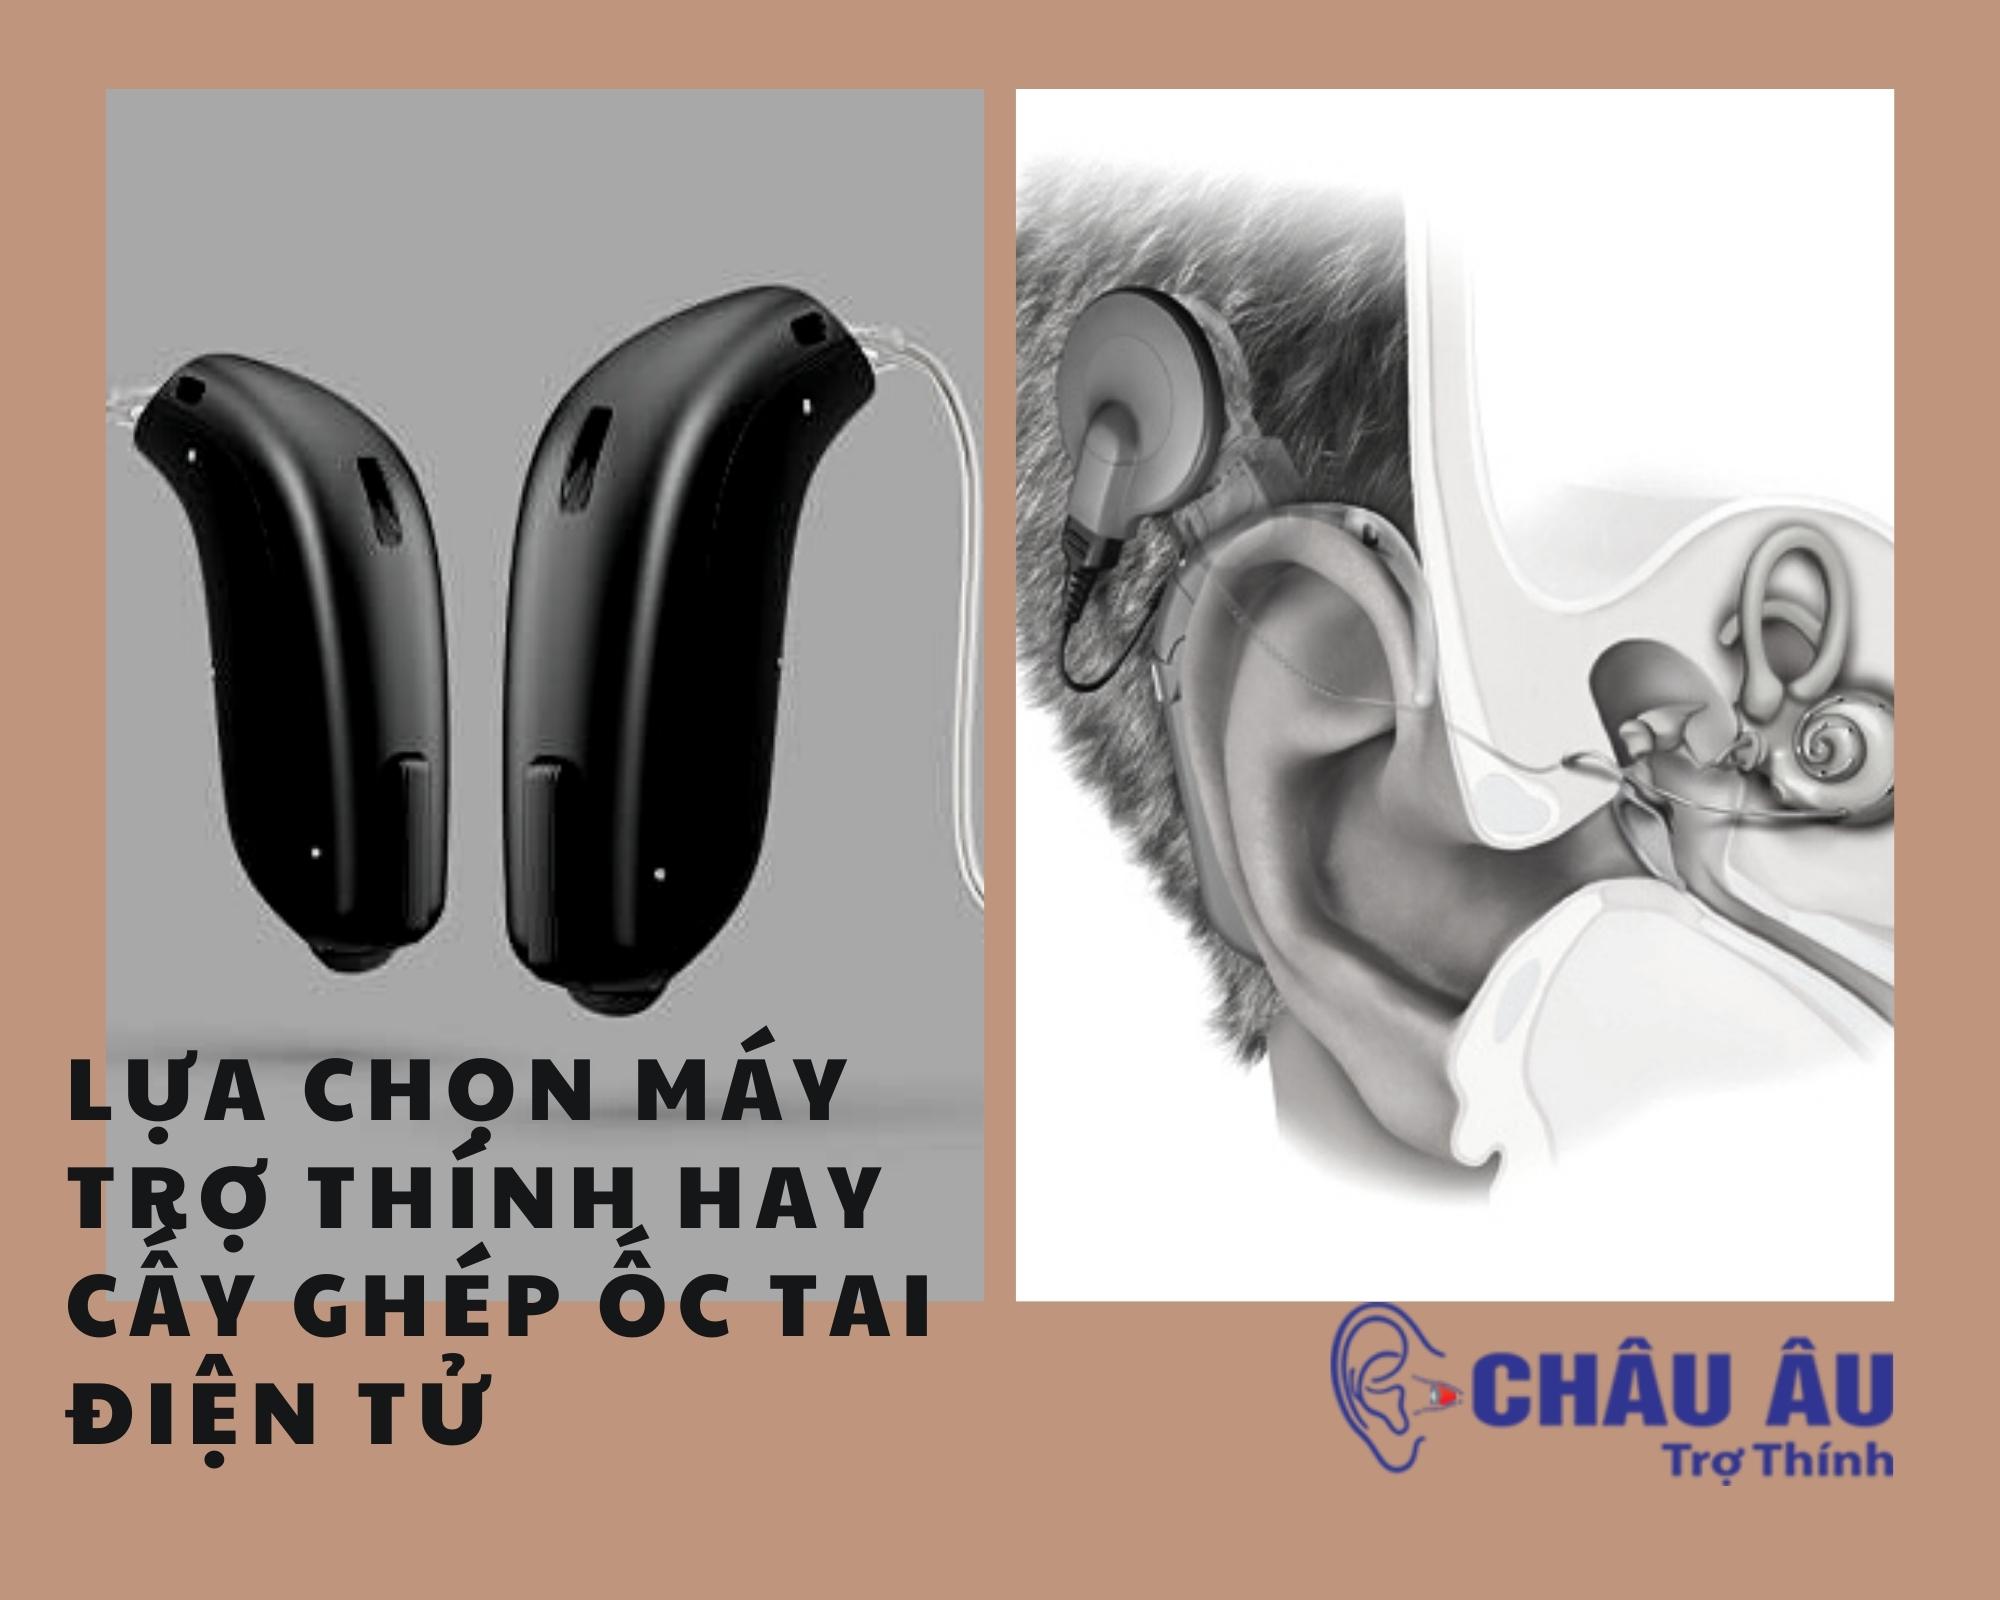 Lựa chọn máy trợ thính hay cấy ghép ốc tai điện tử